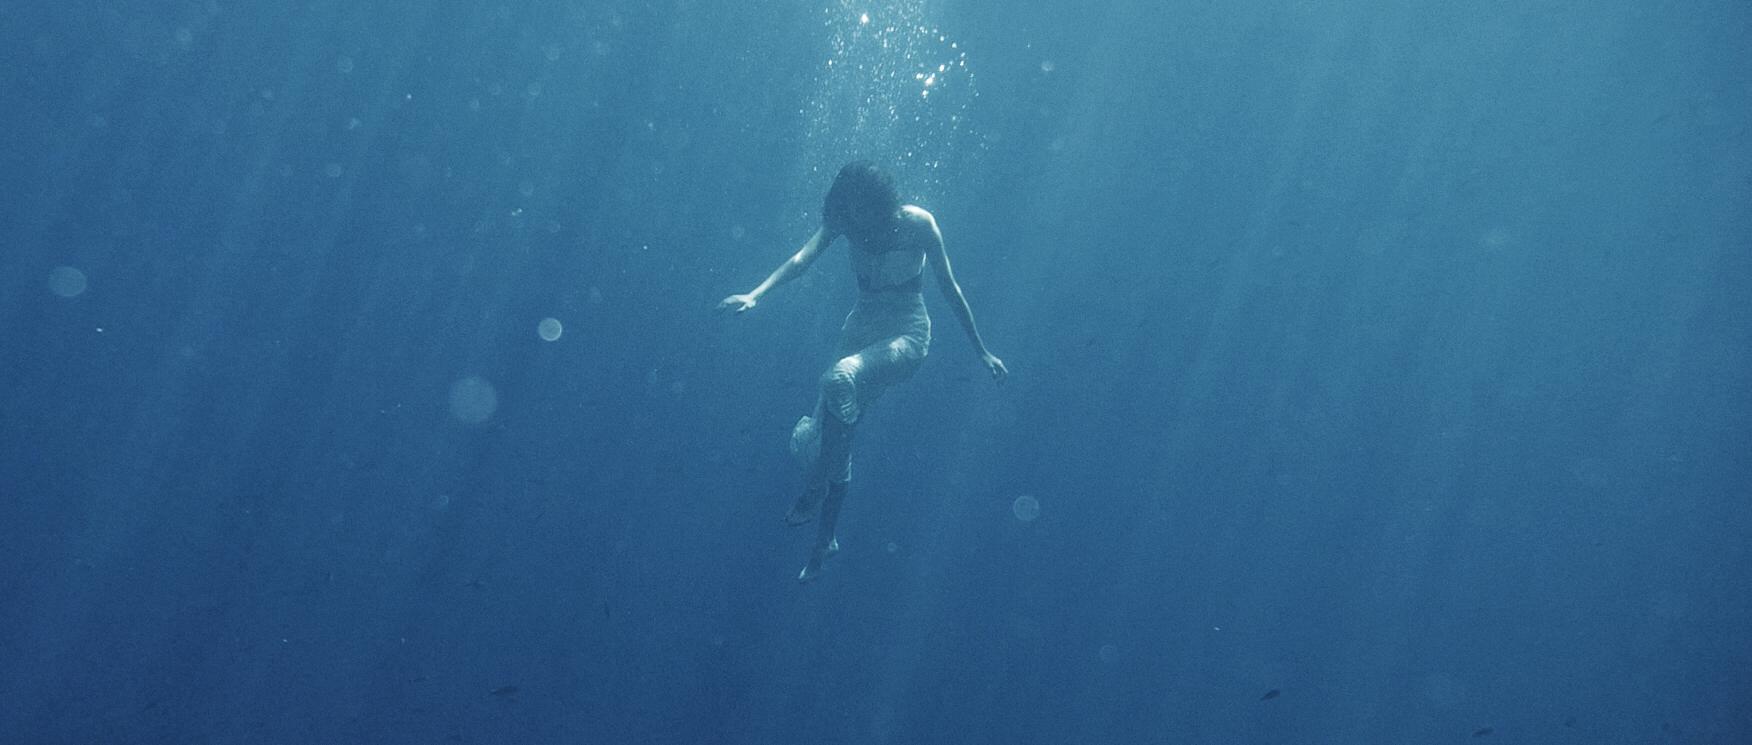 Joni Water Still_1 copy2